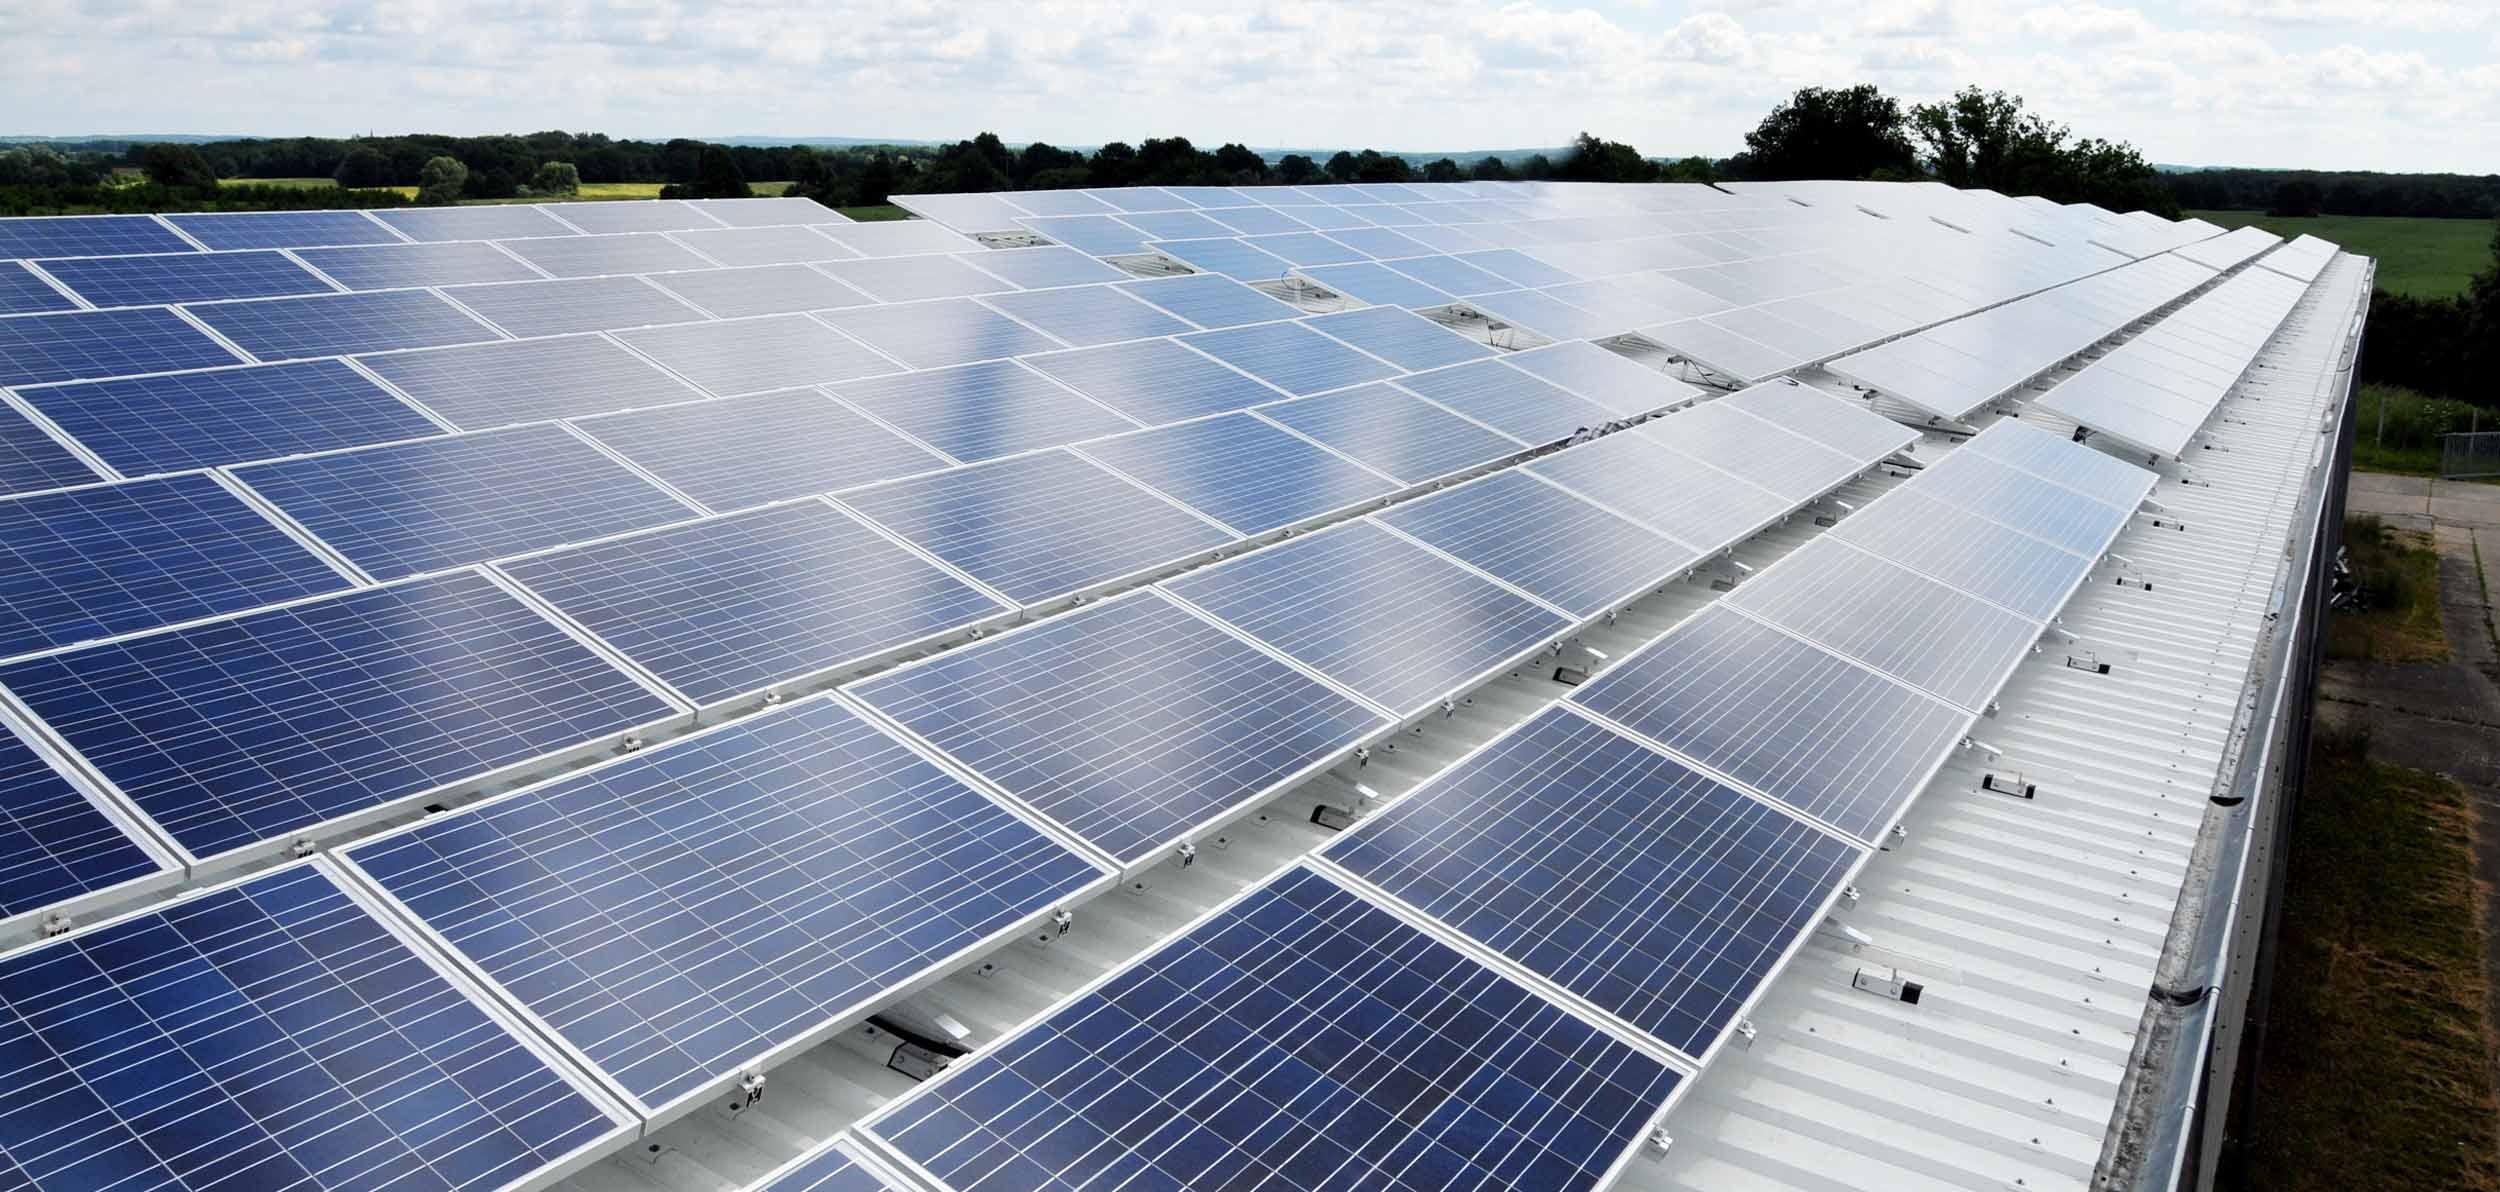 Energiekosten senken durch Photovoltaik